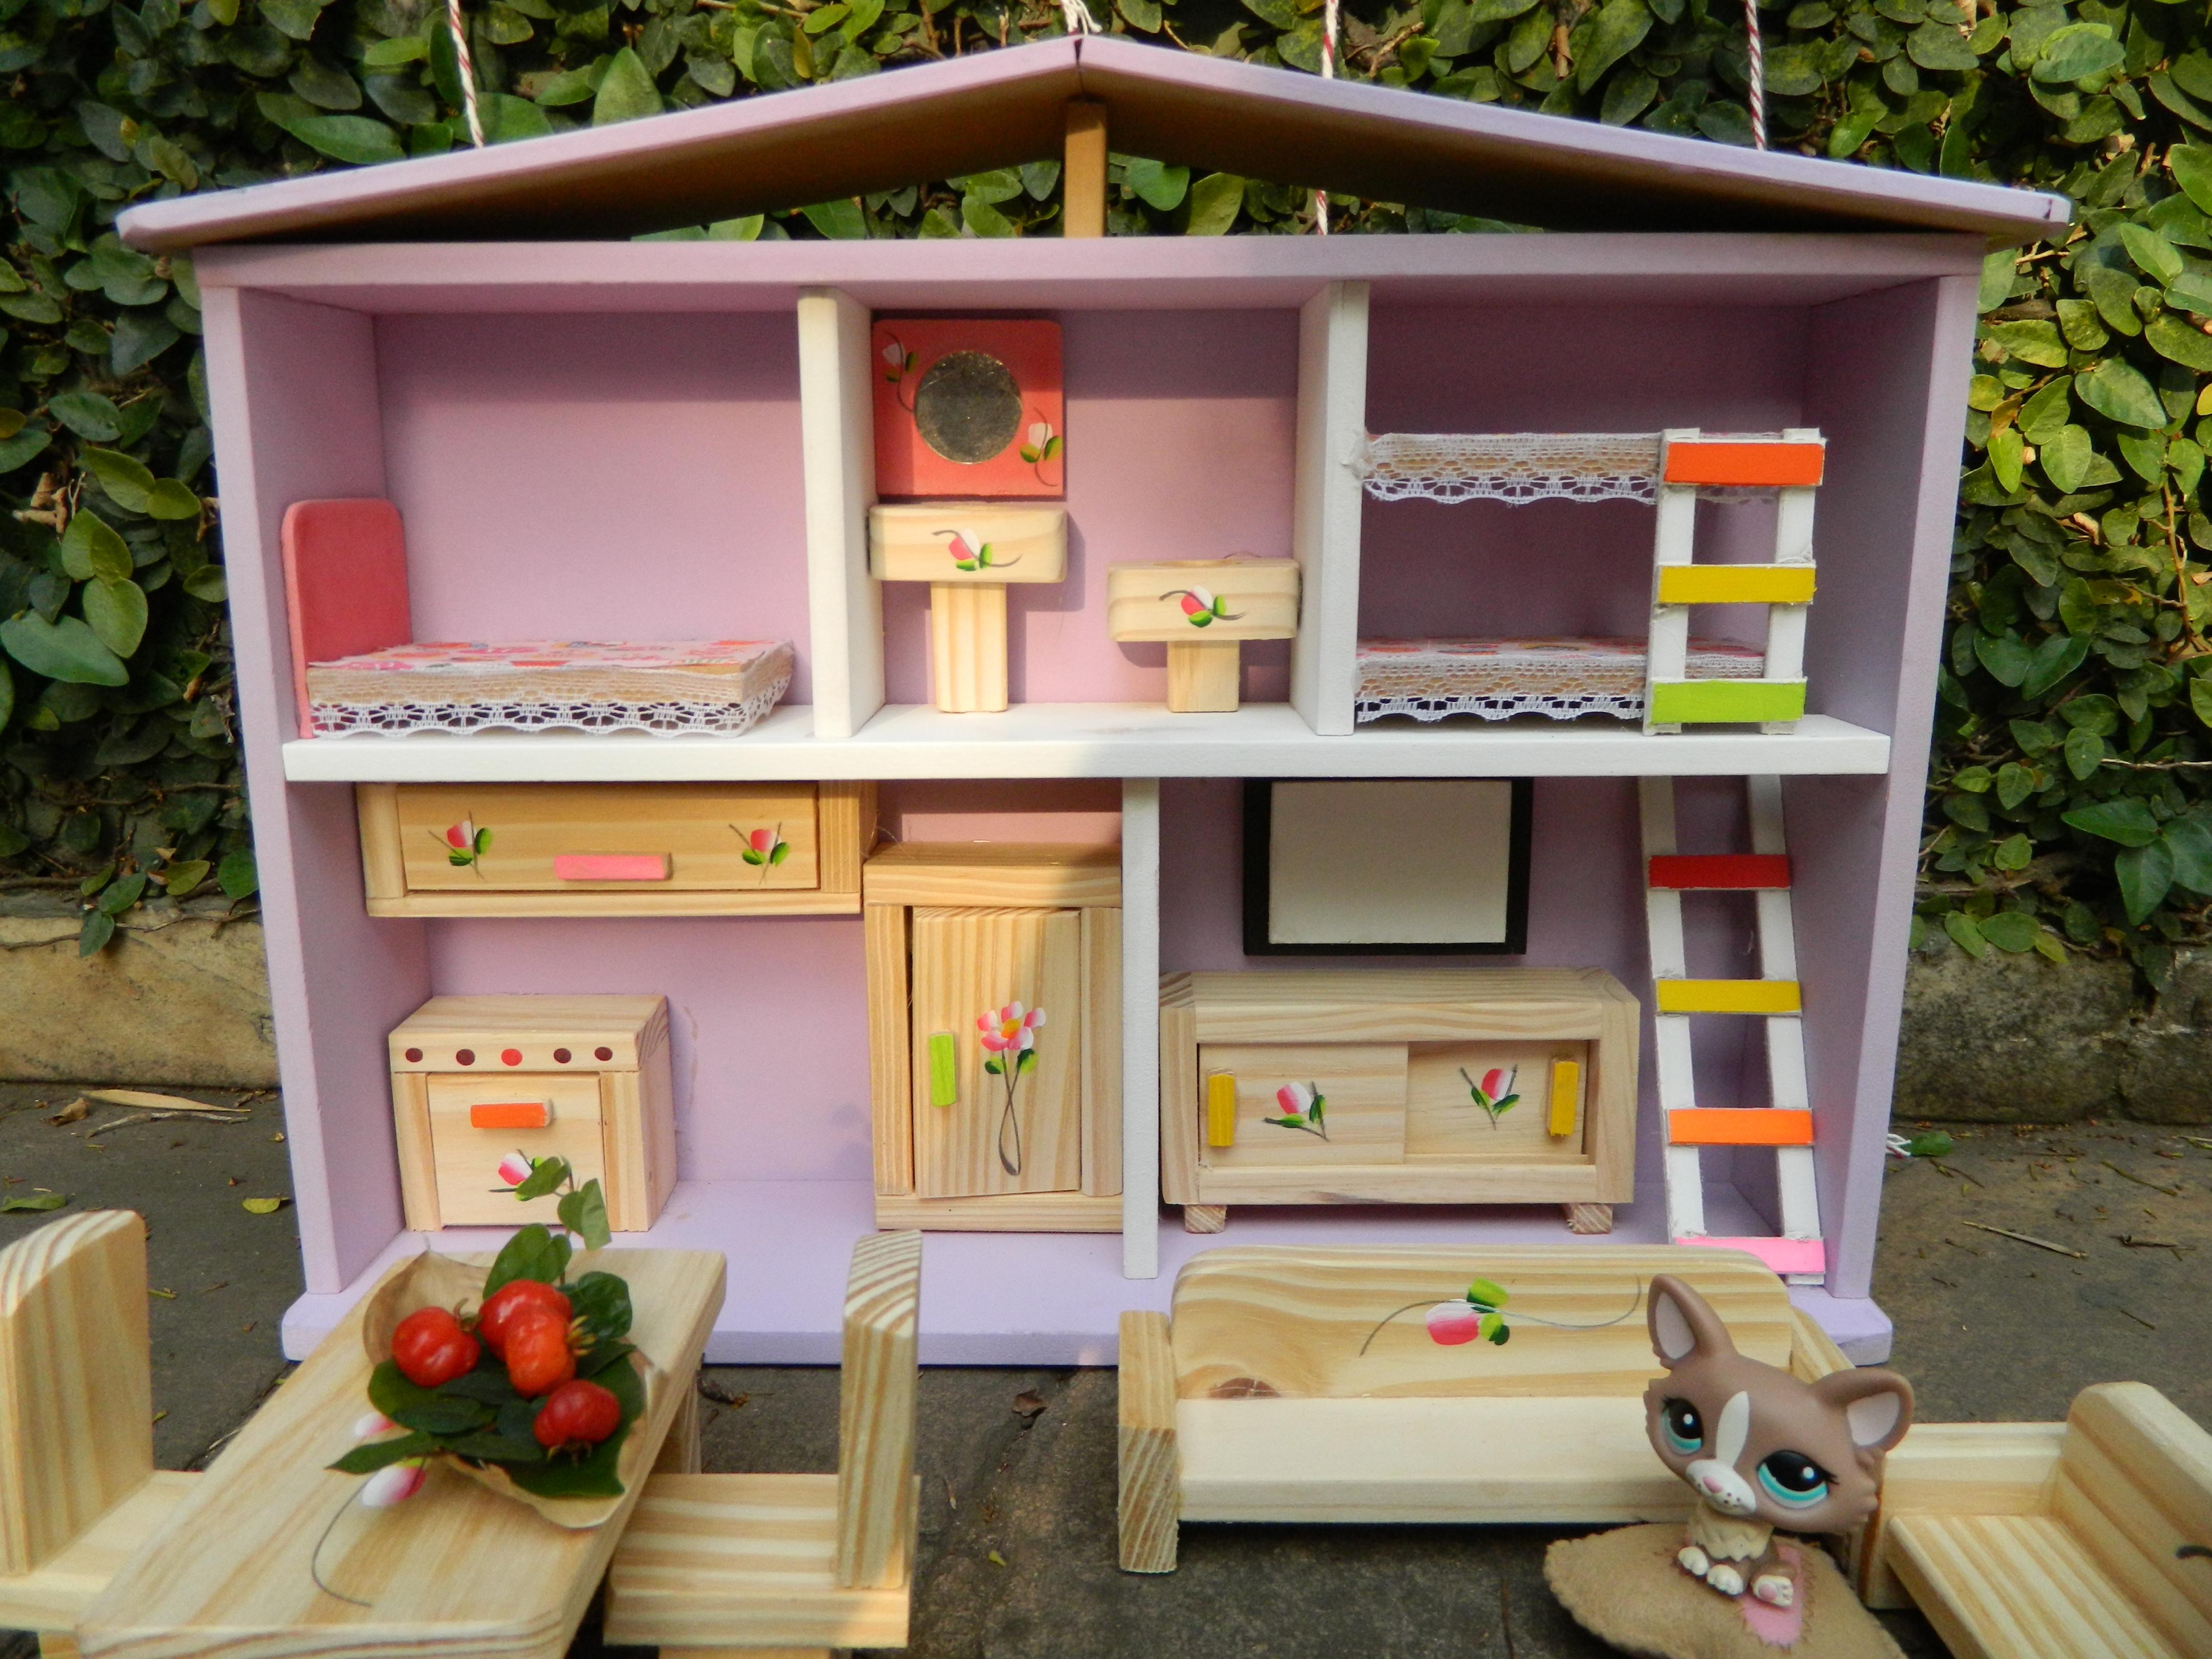 casa de boneca de madeira 02 andares casinha de madeira.jpg #A0682B 4320x3240